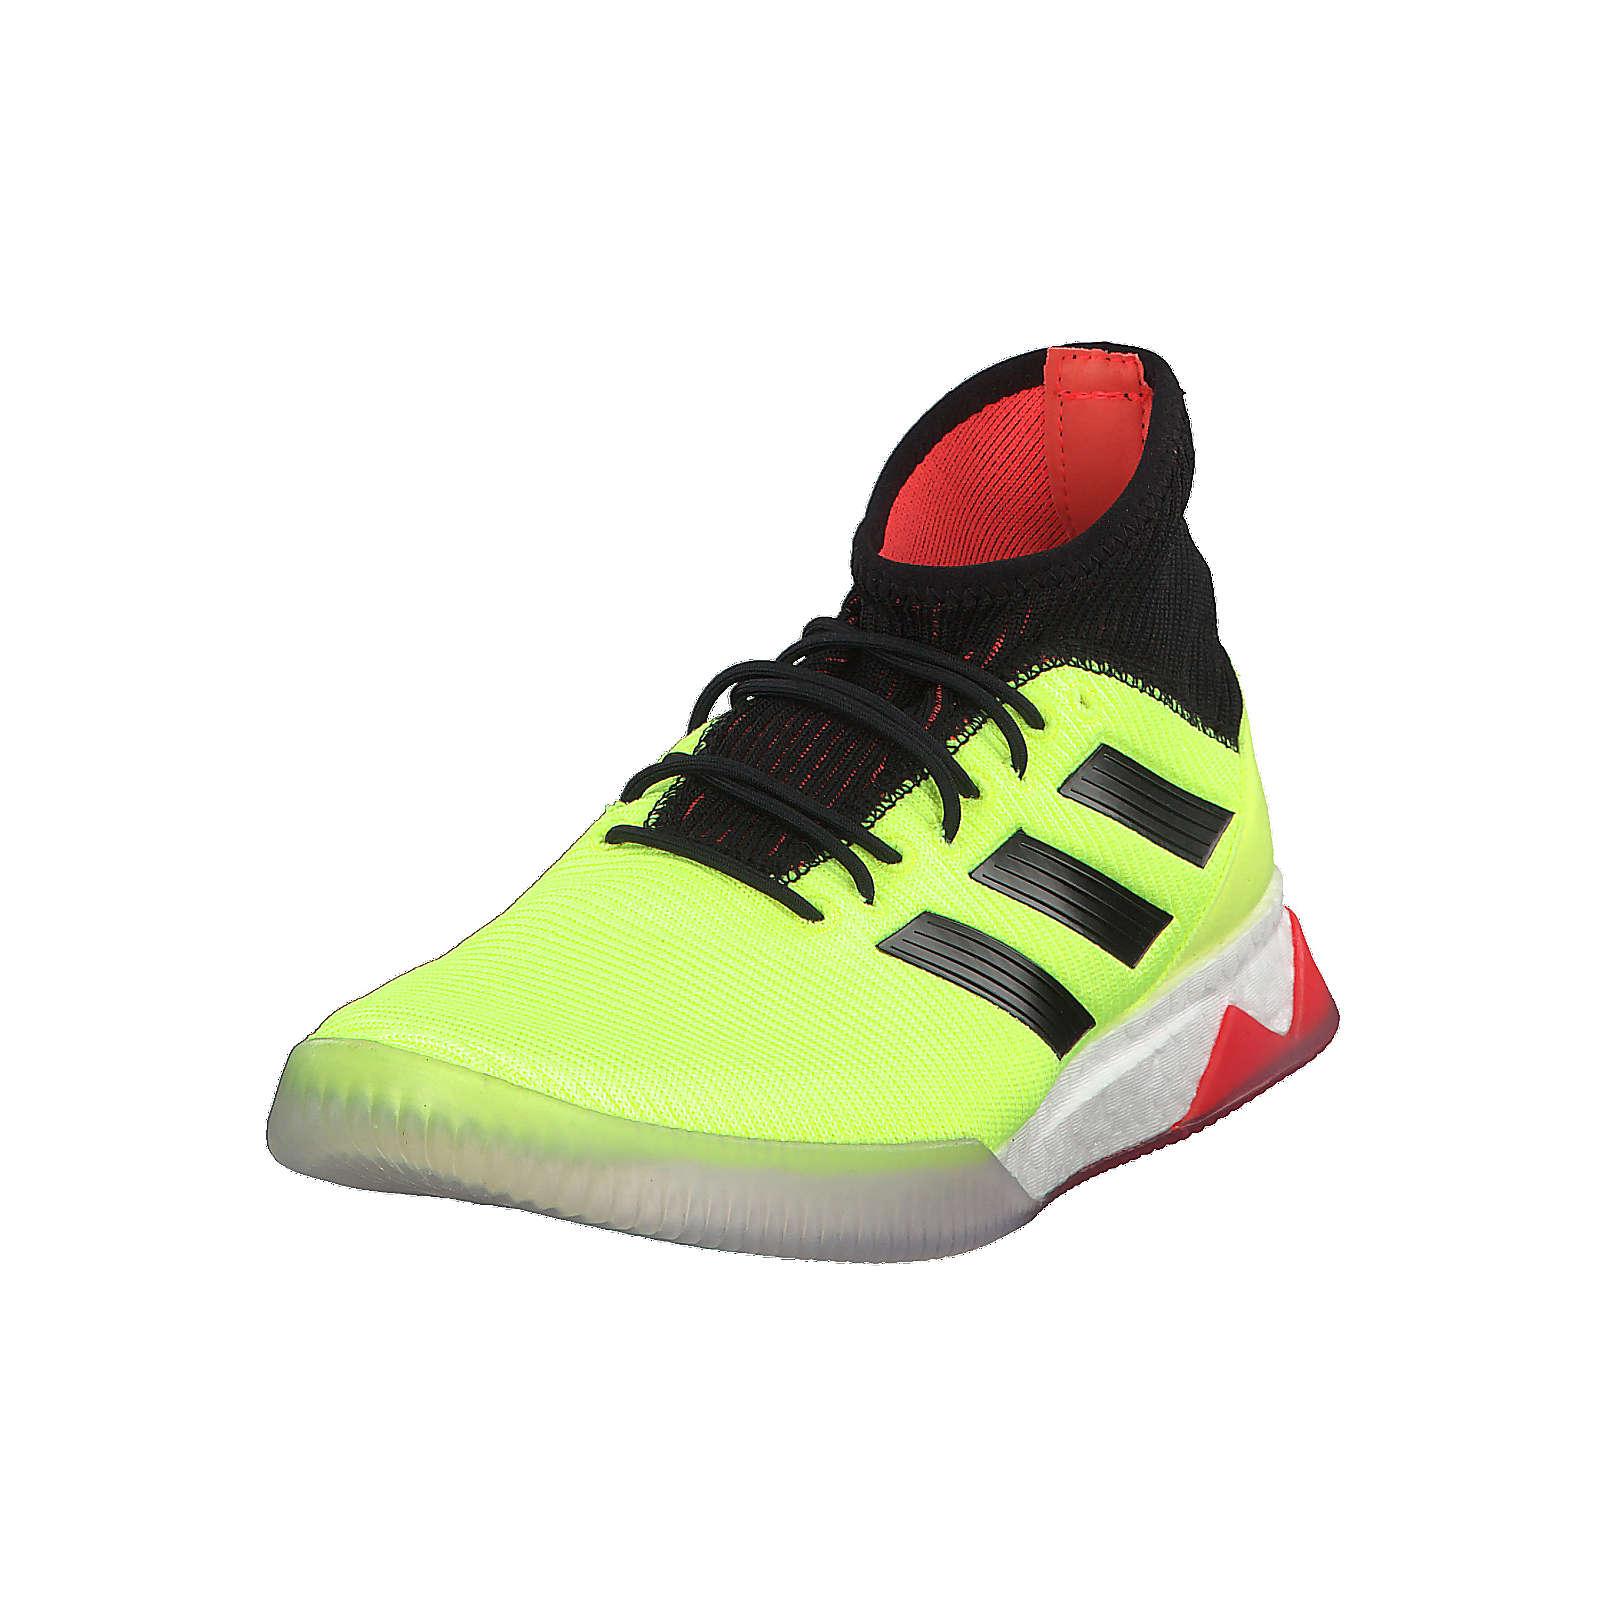 adidas Performance Fussballschuh Predator Tango 18.1 TR mit Streetsohle CP9268 Sportschuhe gelb Herren Gr. 42